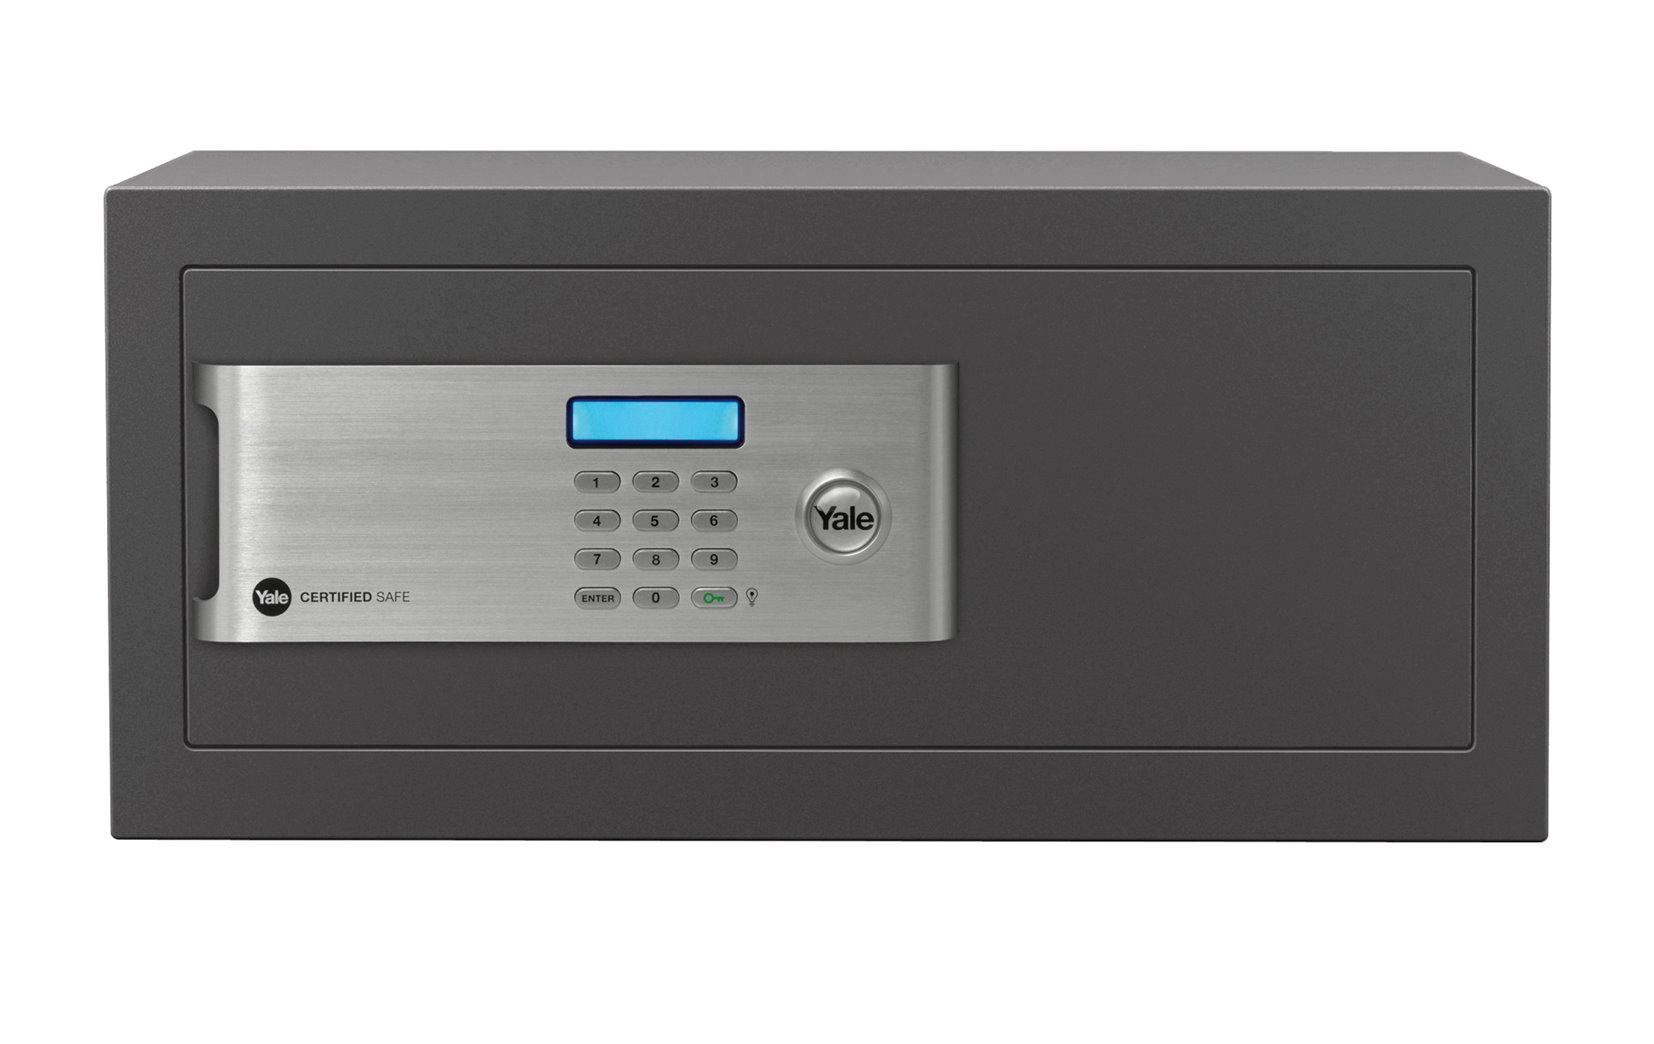 Yale Güvenlik Sertifikalı Motorlu Kasa - Laptop Tipi - YLM/200/EG1